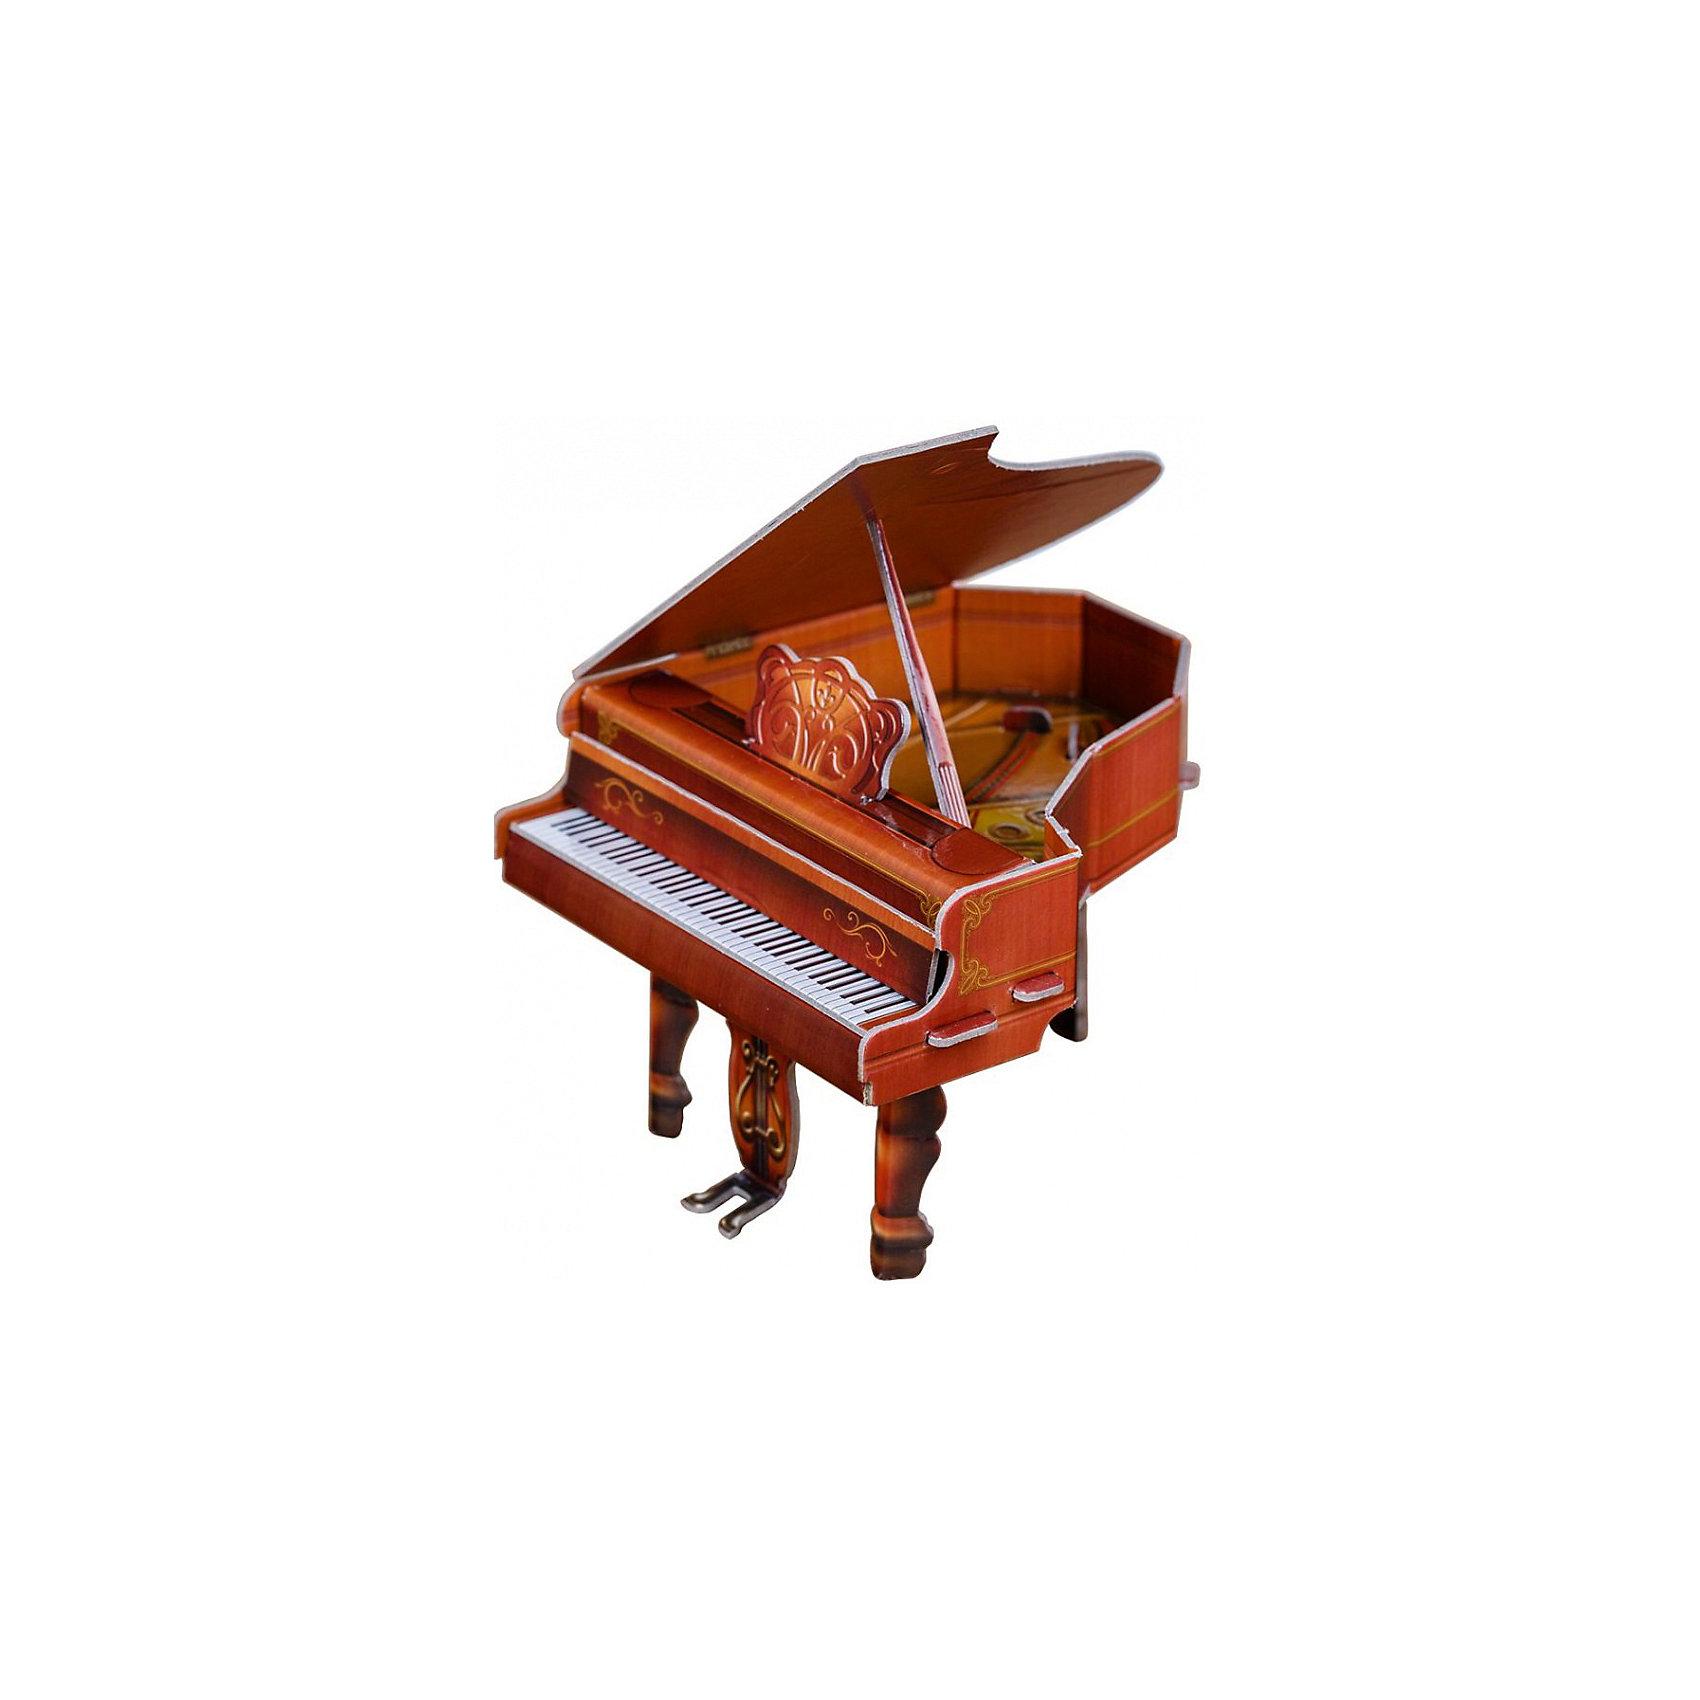 Сборная модель Коллекционный набор мебели РояльРояль (коричневый) - cюжетный игровой набор из плотного картона. Серия: Кукольный дом и мебель. Количество деталей, шт: 14. Размер в собранном виде, см: Рояль - 11,6 х 10,7 х 10. Скамья - 4 х 4 х 43,5.. Размер упаковки, мм.:  высота 250 ширина 175 глубина 3. Тип упаковки: Пакет ПП с подвесом. Вес, гр.: 104. Возраст: от 7 лет. Все модели и игрушки, созданные по технологии УМНАЯ БУМАГА собираются без ножниц и клея, что является их неповторимой особенностью.<br>Принцип соединения деталей запатентован. Соединения деталей продуманы и просчитаны с такой точностью, что при правильной сборке с моделью можно играть, как с обычной игрушкой.<br><br>Ширина мм: 175<br>Глубина мм: 3<br>Высота мм: 250<br>Вес г: 104<br>Возраст от месяцев: 84<br>Возраст до месяцев: 2147483647<br>Пол: Унисекс<br>Возраст: Детский<br>SKU: 4807413